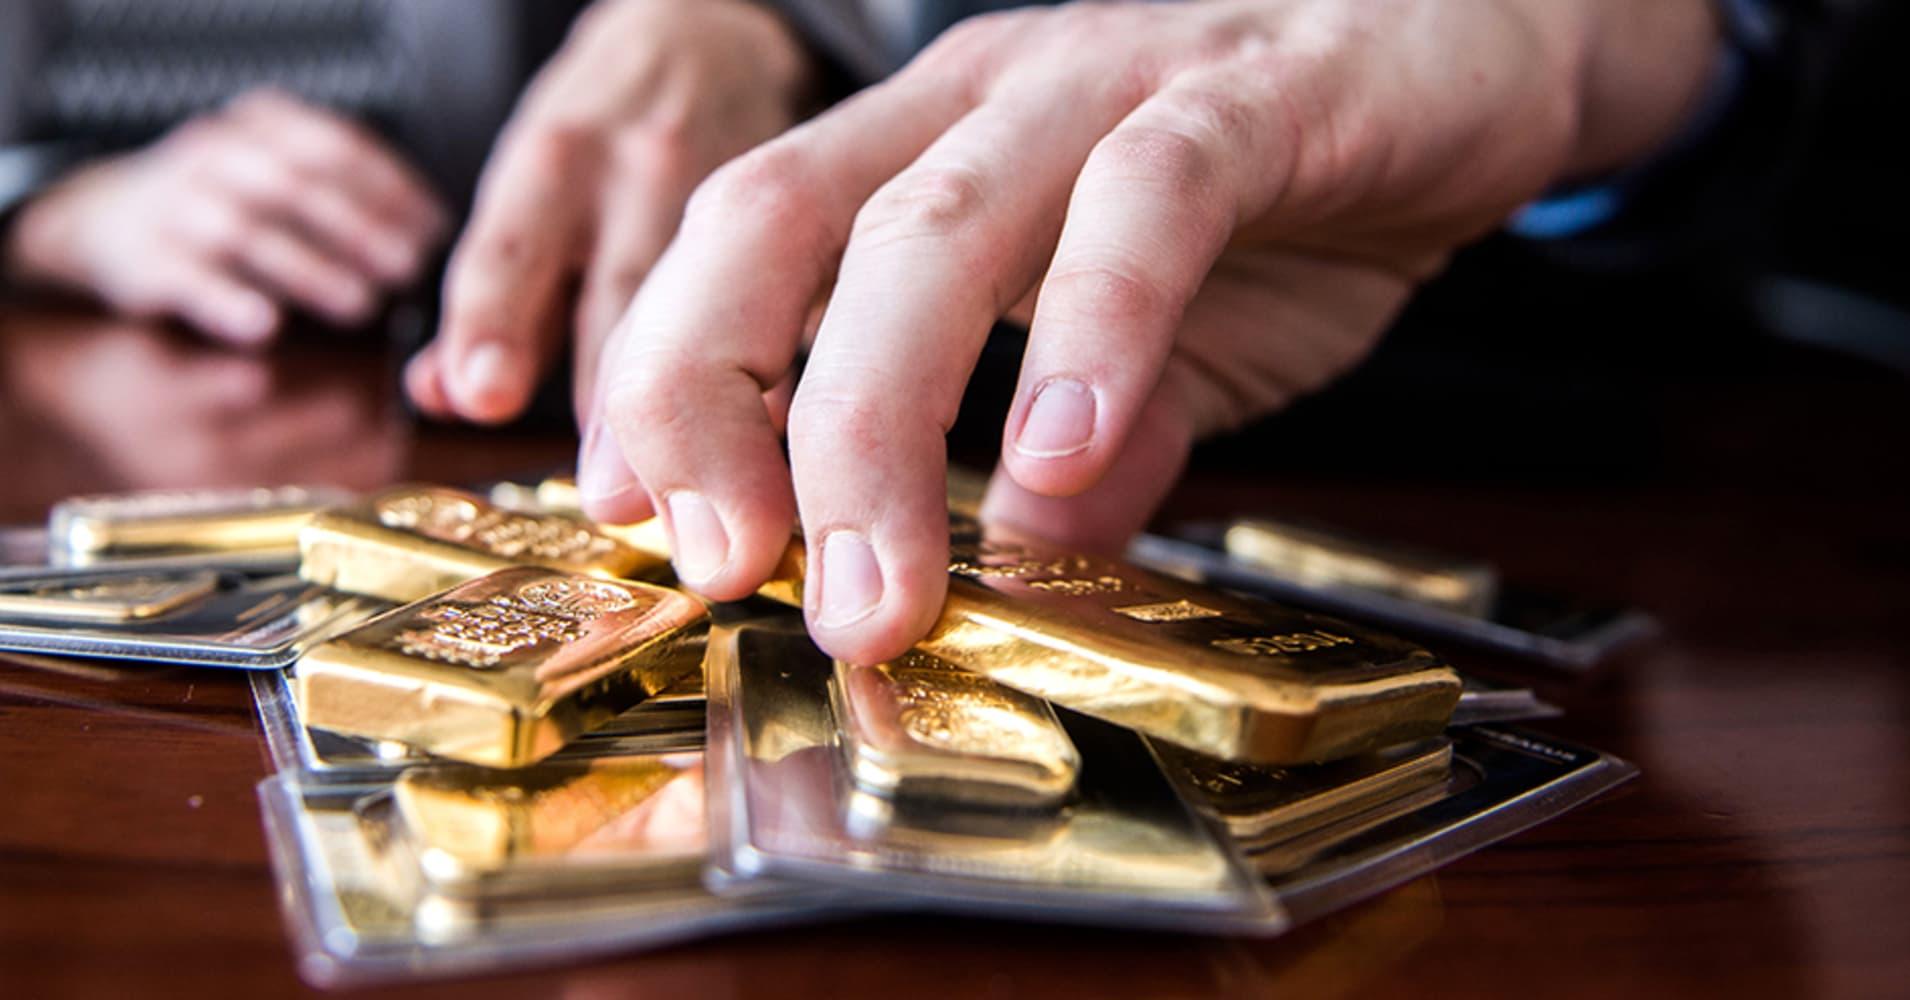 پاتک بازارساز به سفتهبازان ارزی؛ دلار ۱۲۰۰ تومان عقب نسینی کرد/ نرخهای پایانی بازار طلا و سکه تهران/ «ارز لعنتی» نام جدید دلار ۴۲۰۰ تومانی/ پراید 50 میلیونی در بازار امروز/ همتی: مردم توانایی بانک مرکزی را دست کم نگیرند